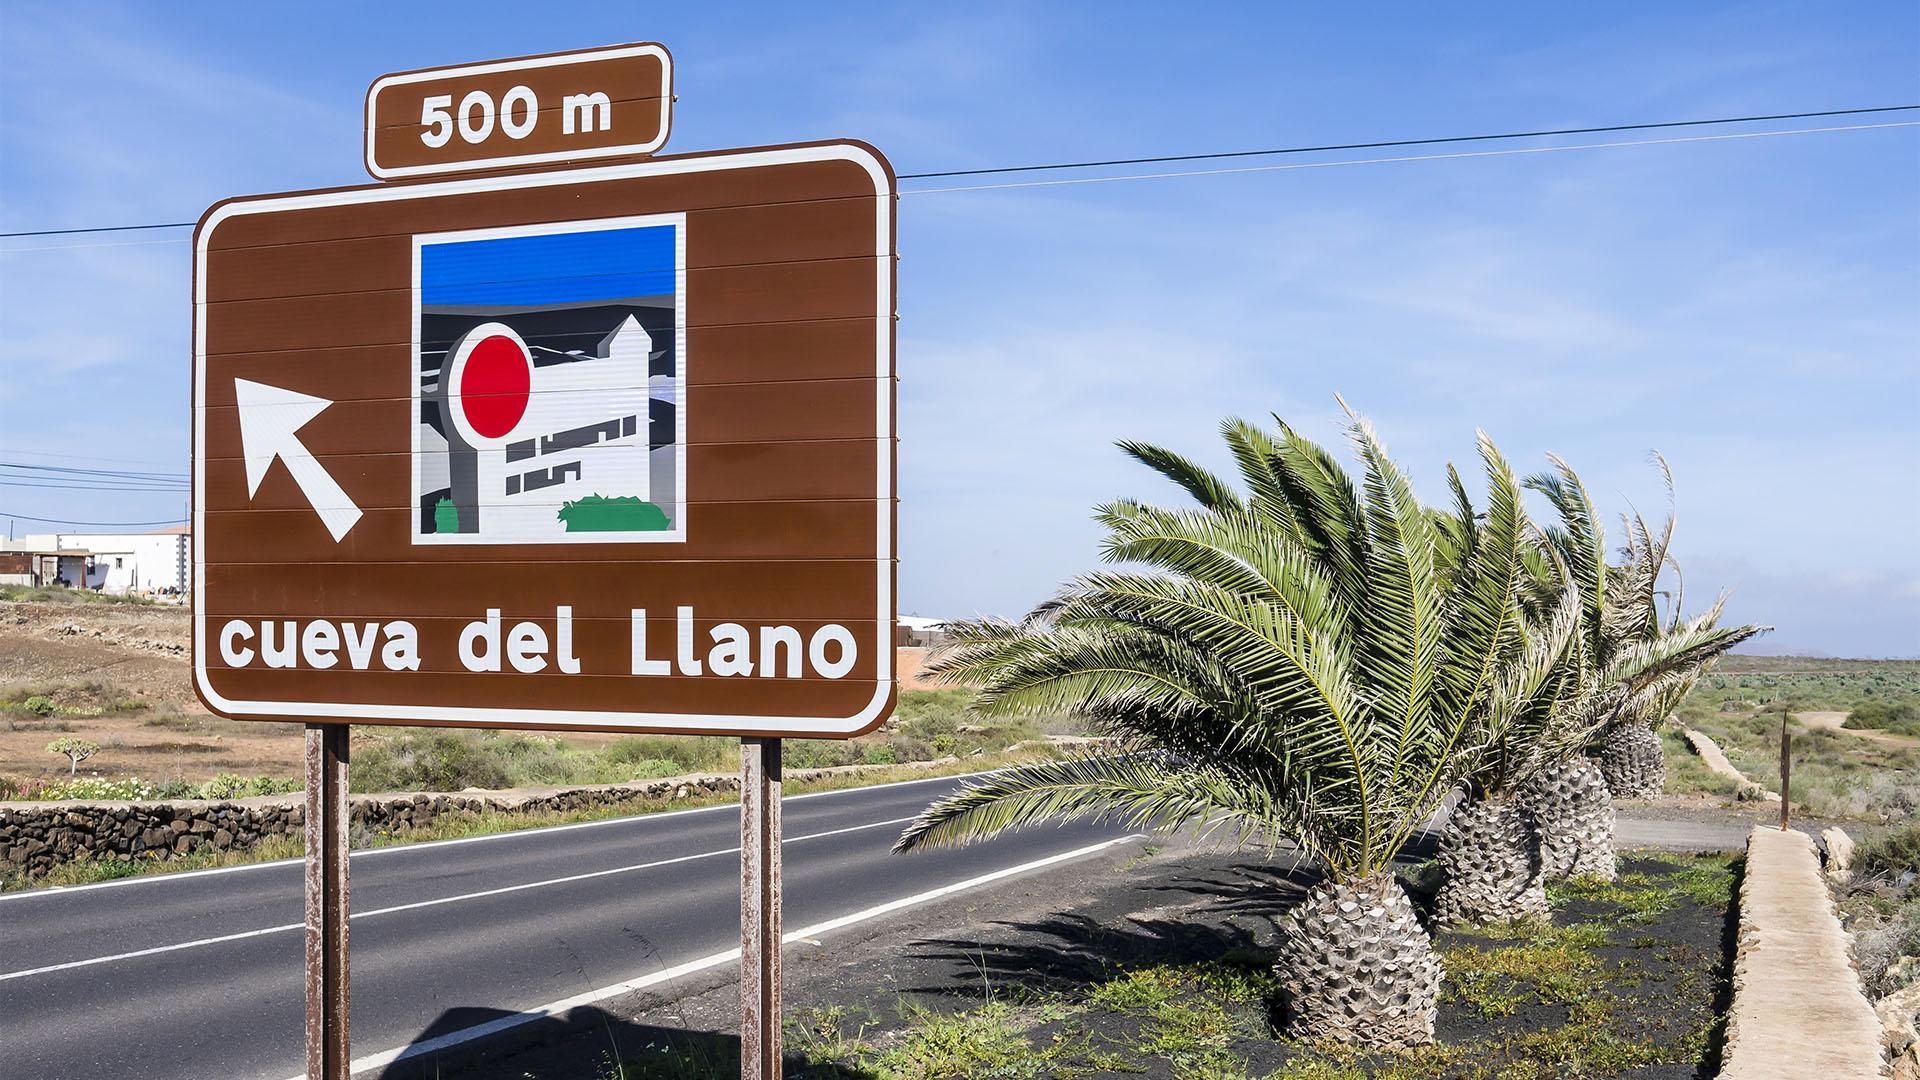 Sehenswürdigkeiten Fuerteventuras: Villaverde – Cueva del Llano